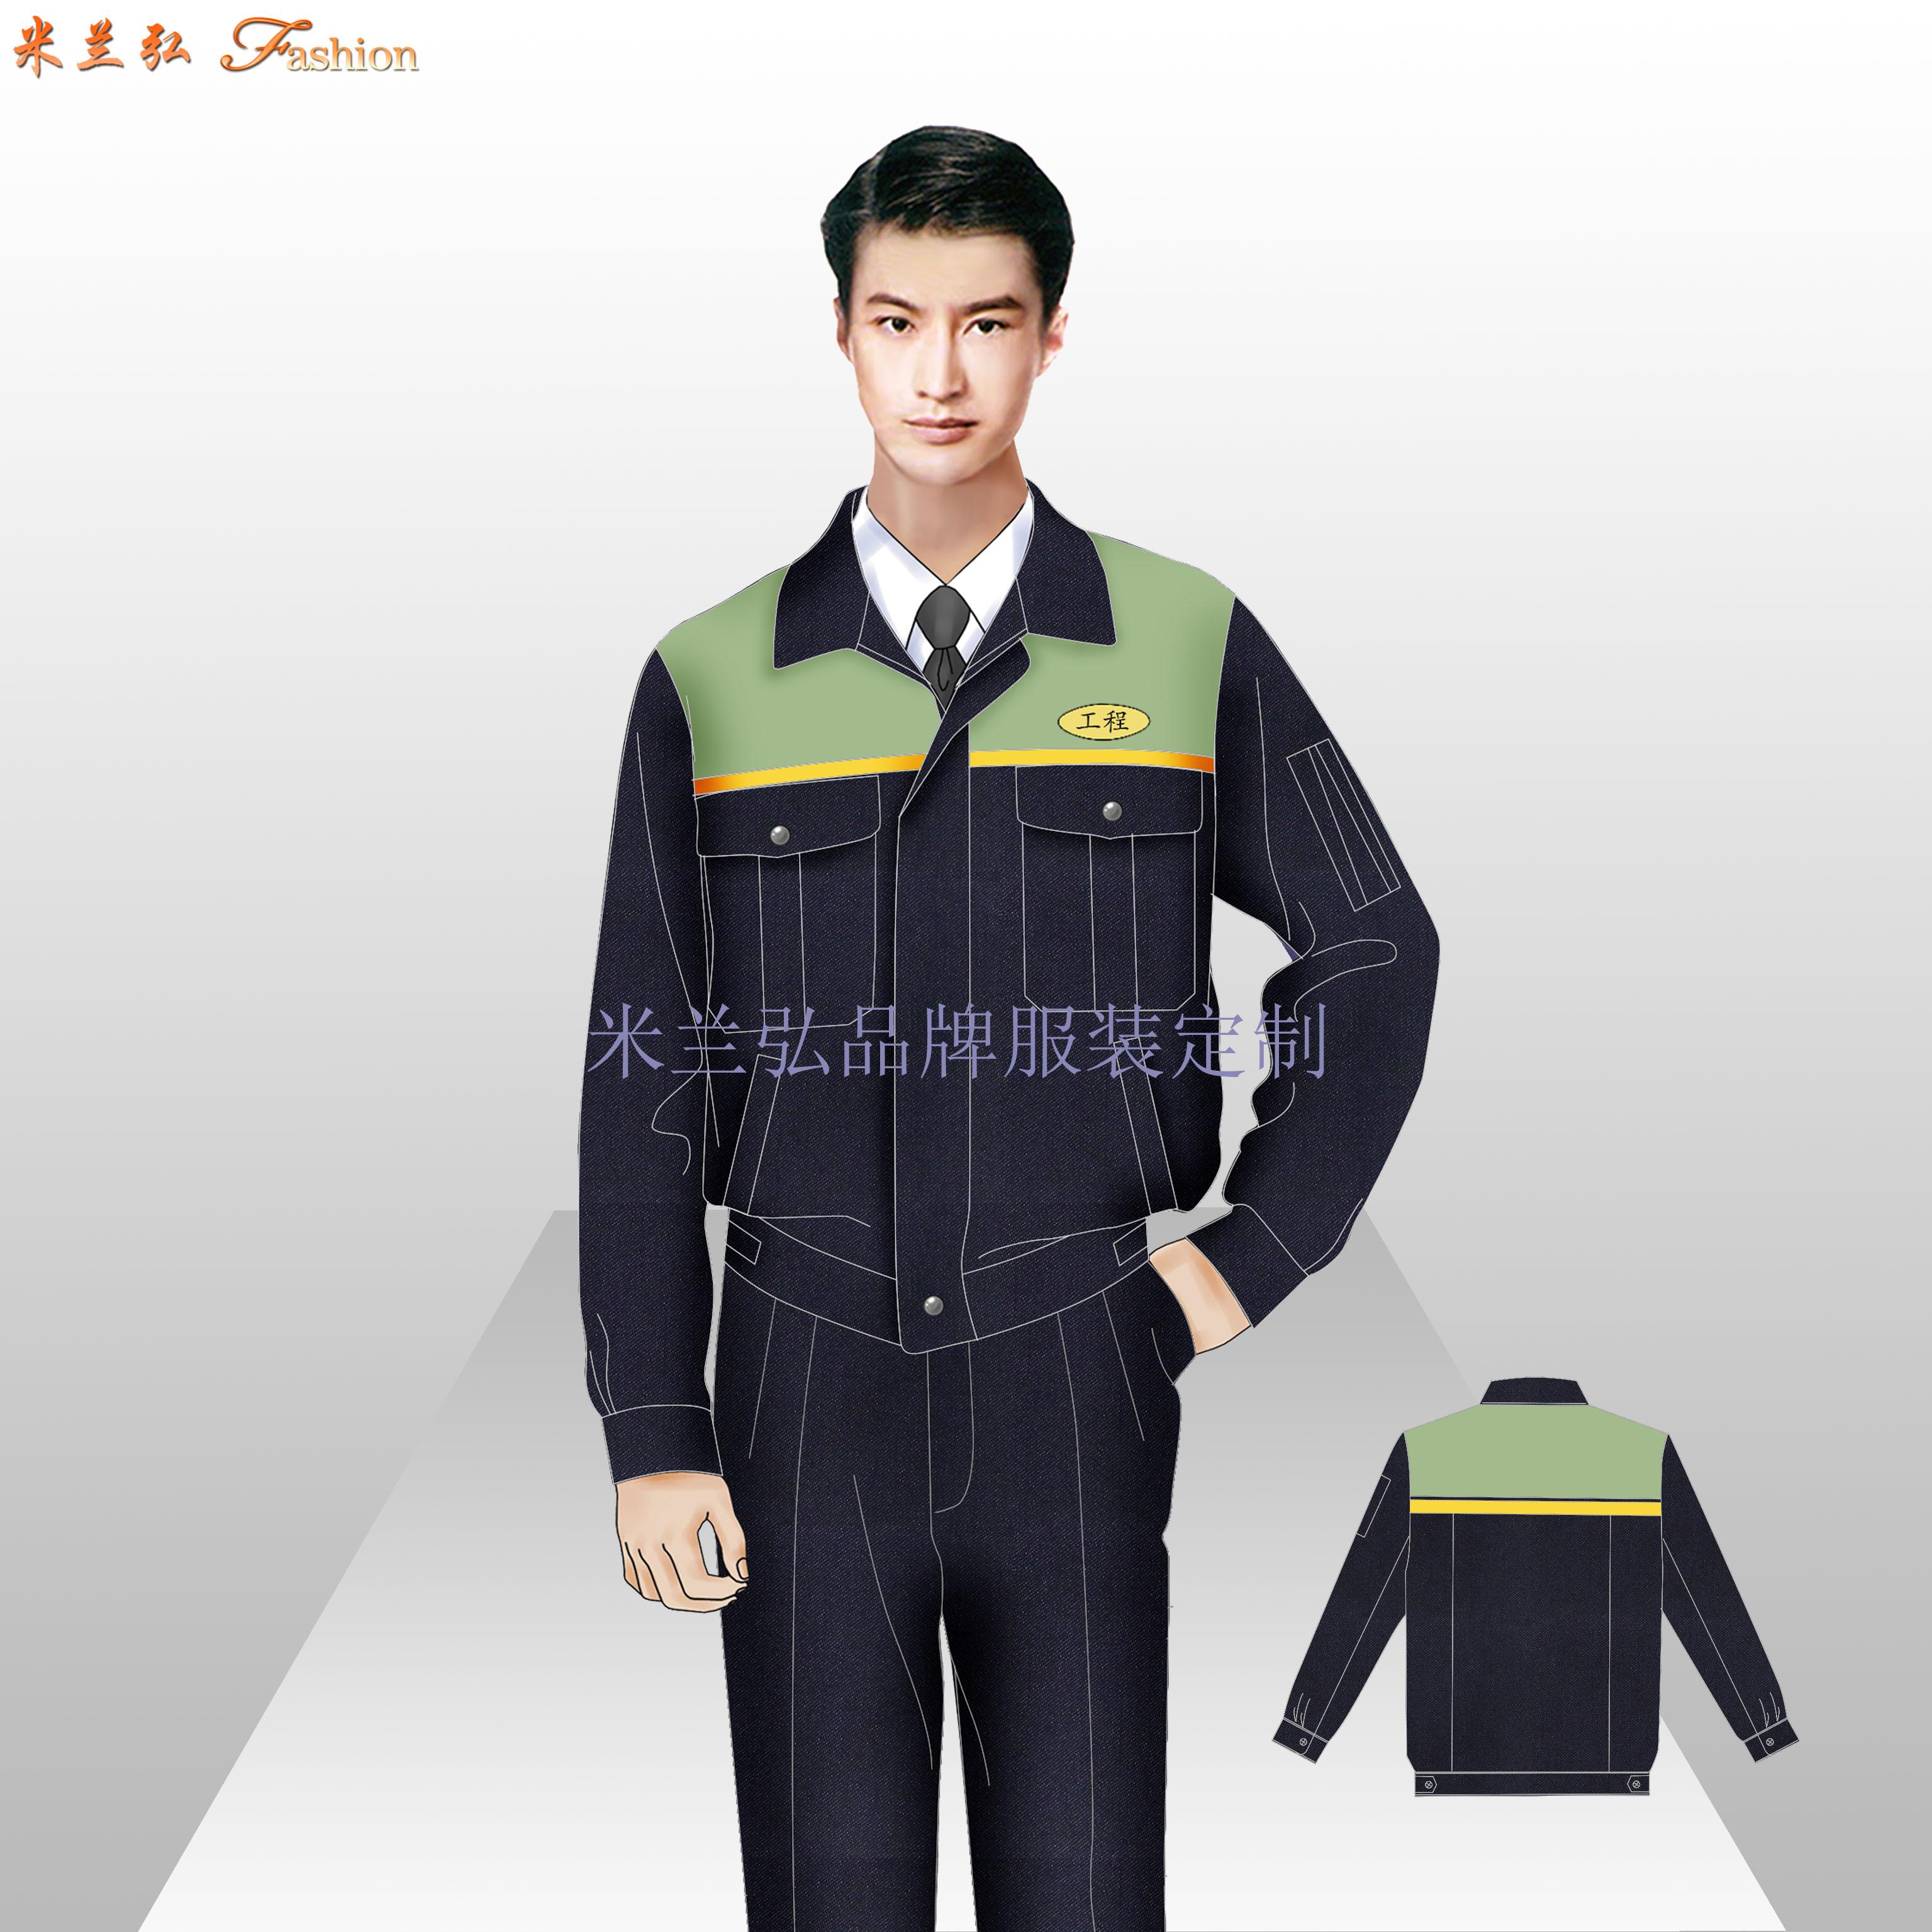 貴陽工作服定制_貴陽工程服訂做-米蘭弘服裝廠家-1